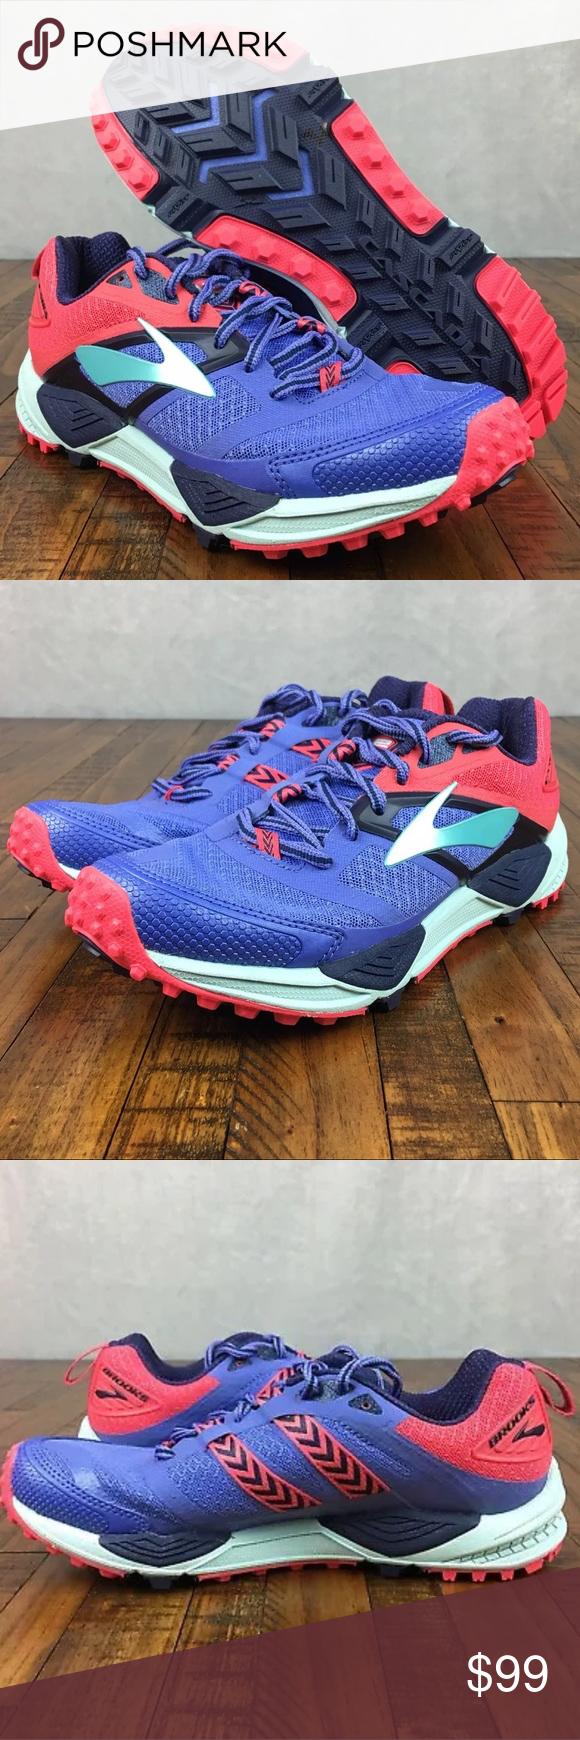 7798f02fa82 NEW Brooks Cascadia 12 Trail Running Sneakers Shoe BROOKS CASCADIA 12 TRAIL  RUNNING SHOES  1202331B422 Size  8